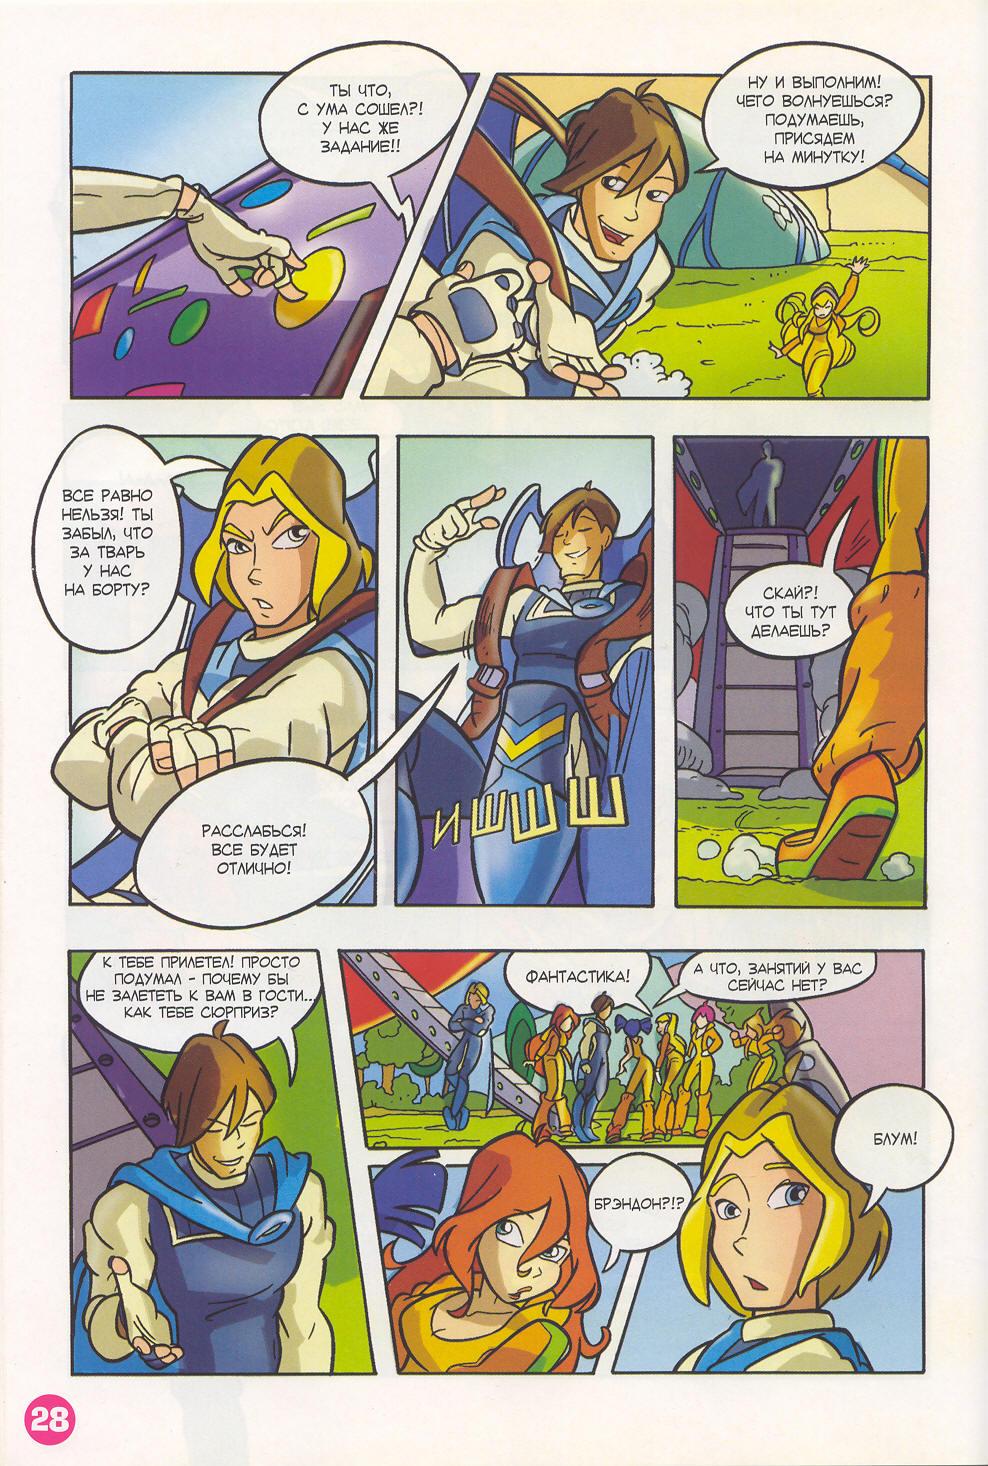 Читать онлайн комиксы 7 фотография